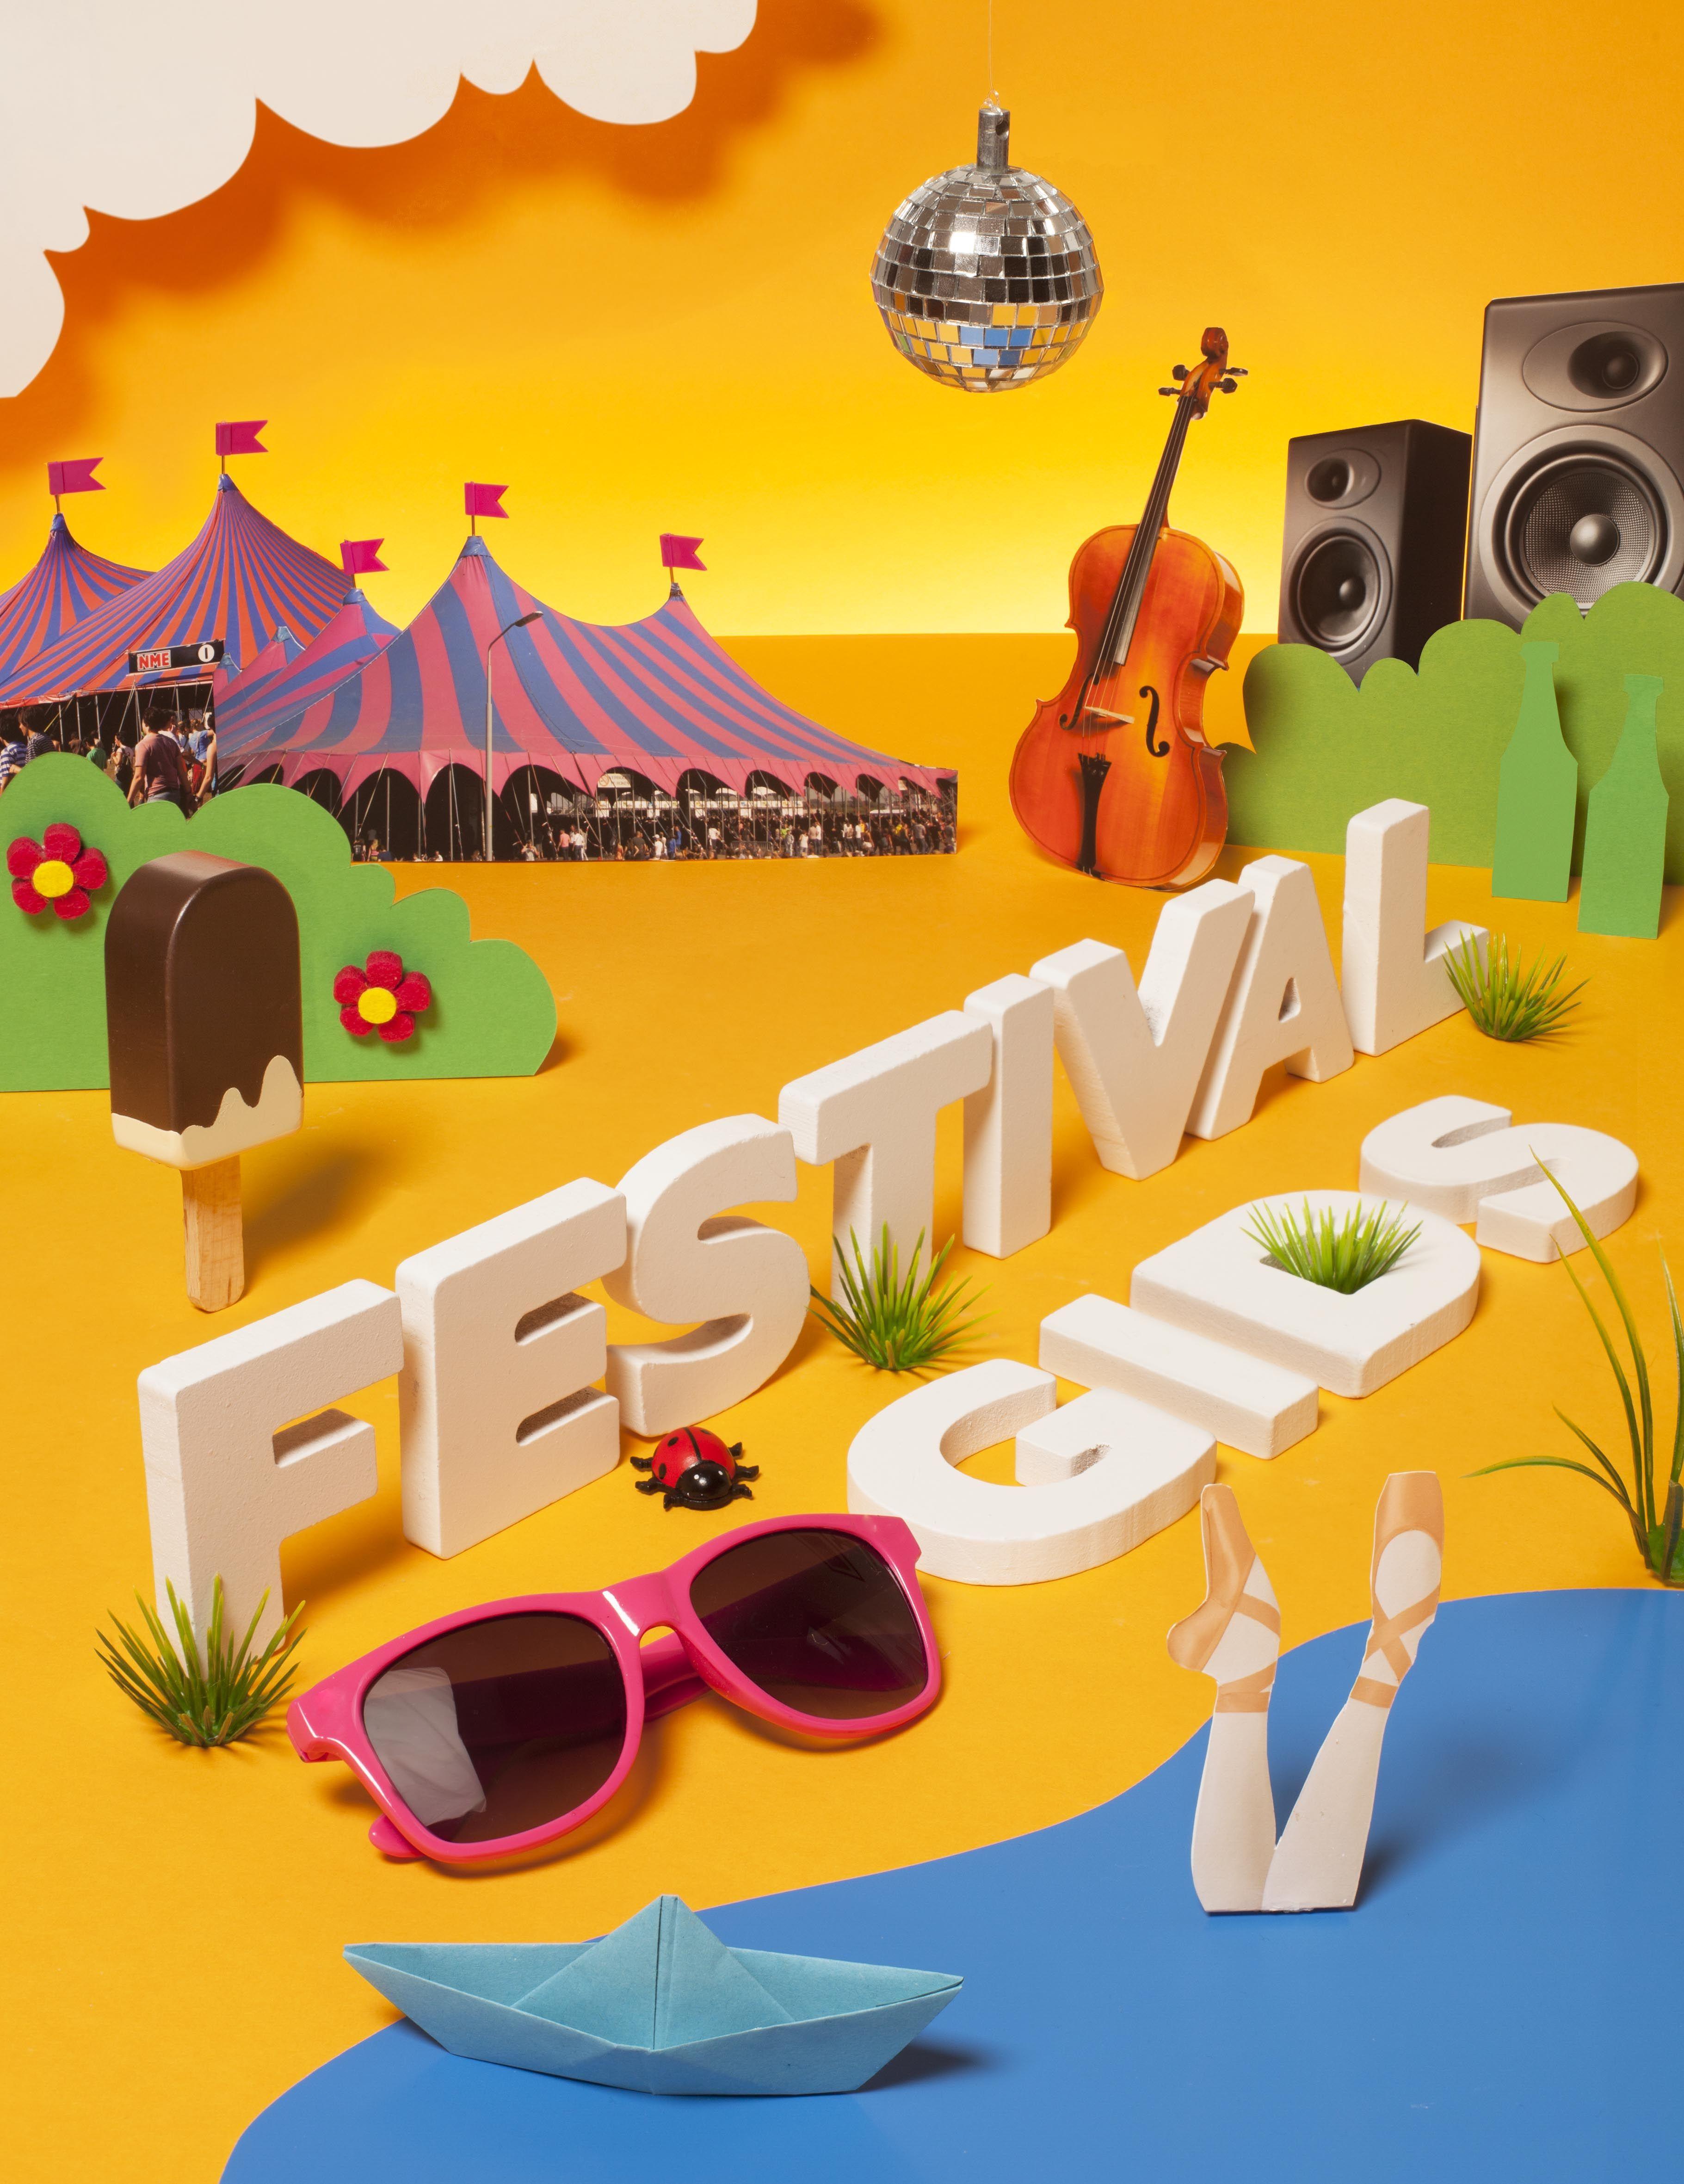 Festivalgids By Wendy Van Santen